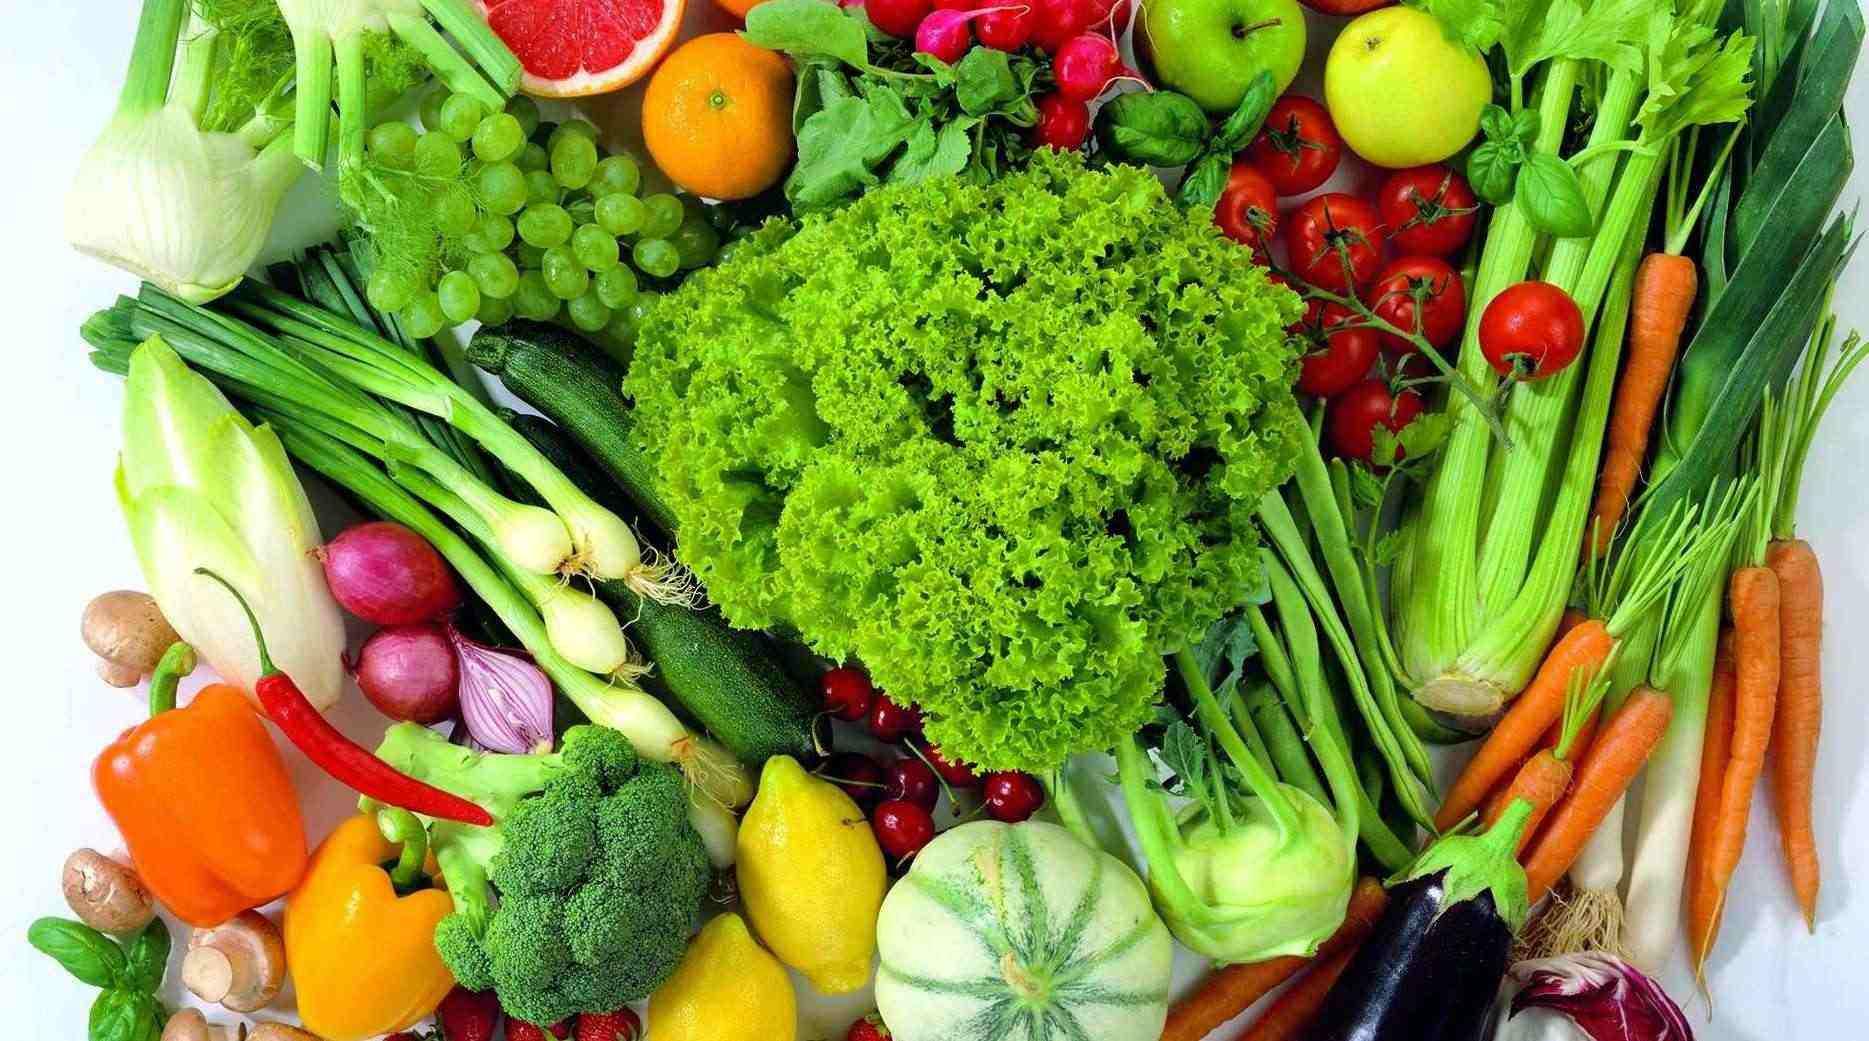 多吃蔬菜能防病 蔬菜每天吃多少量